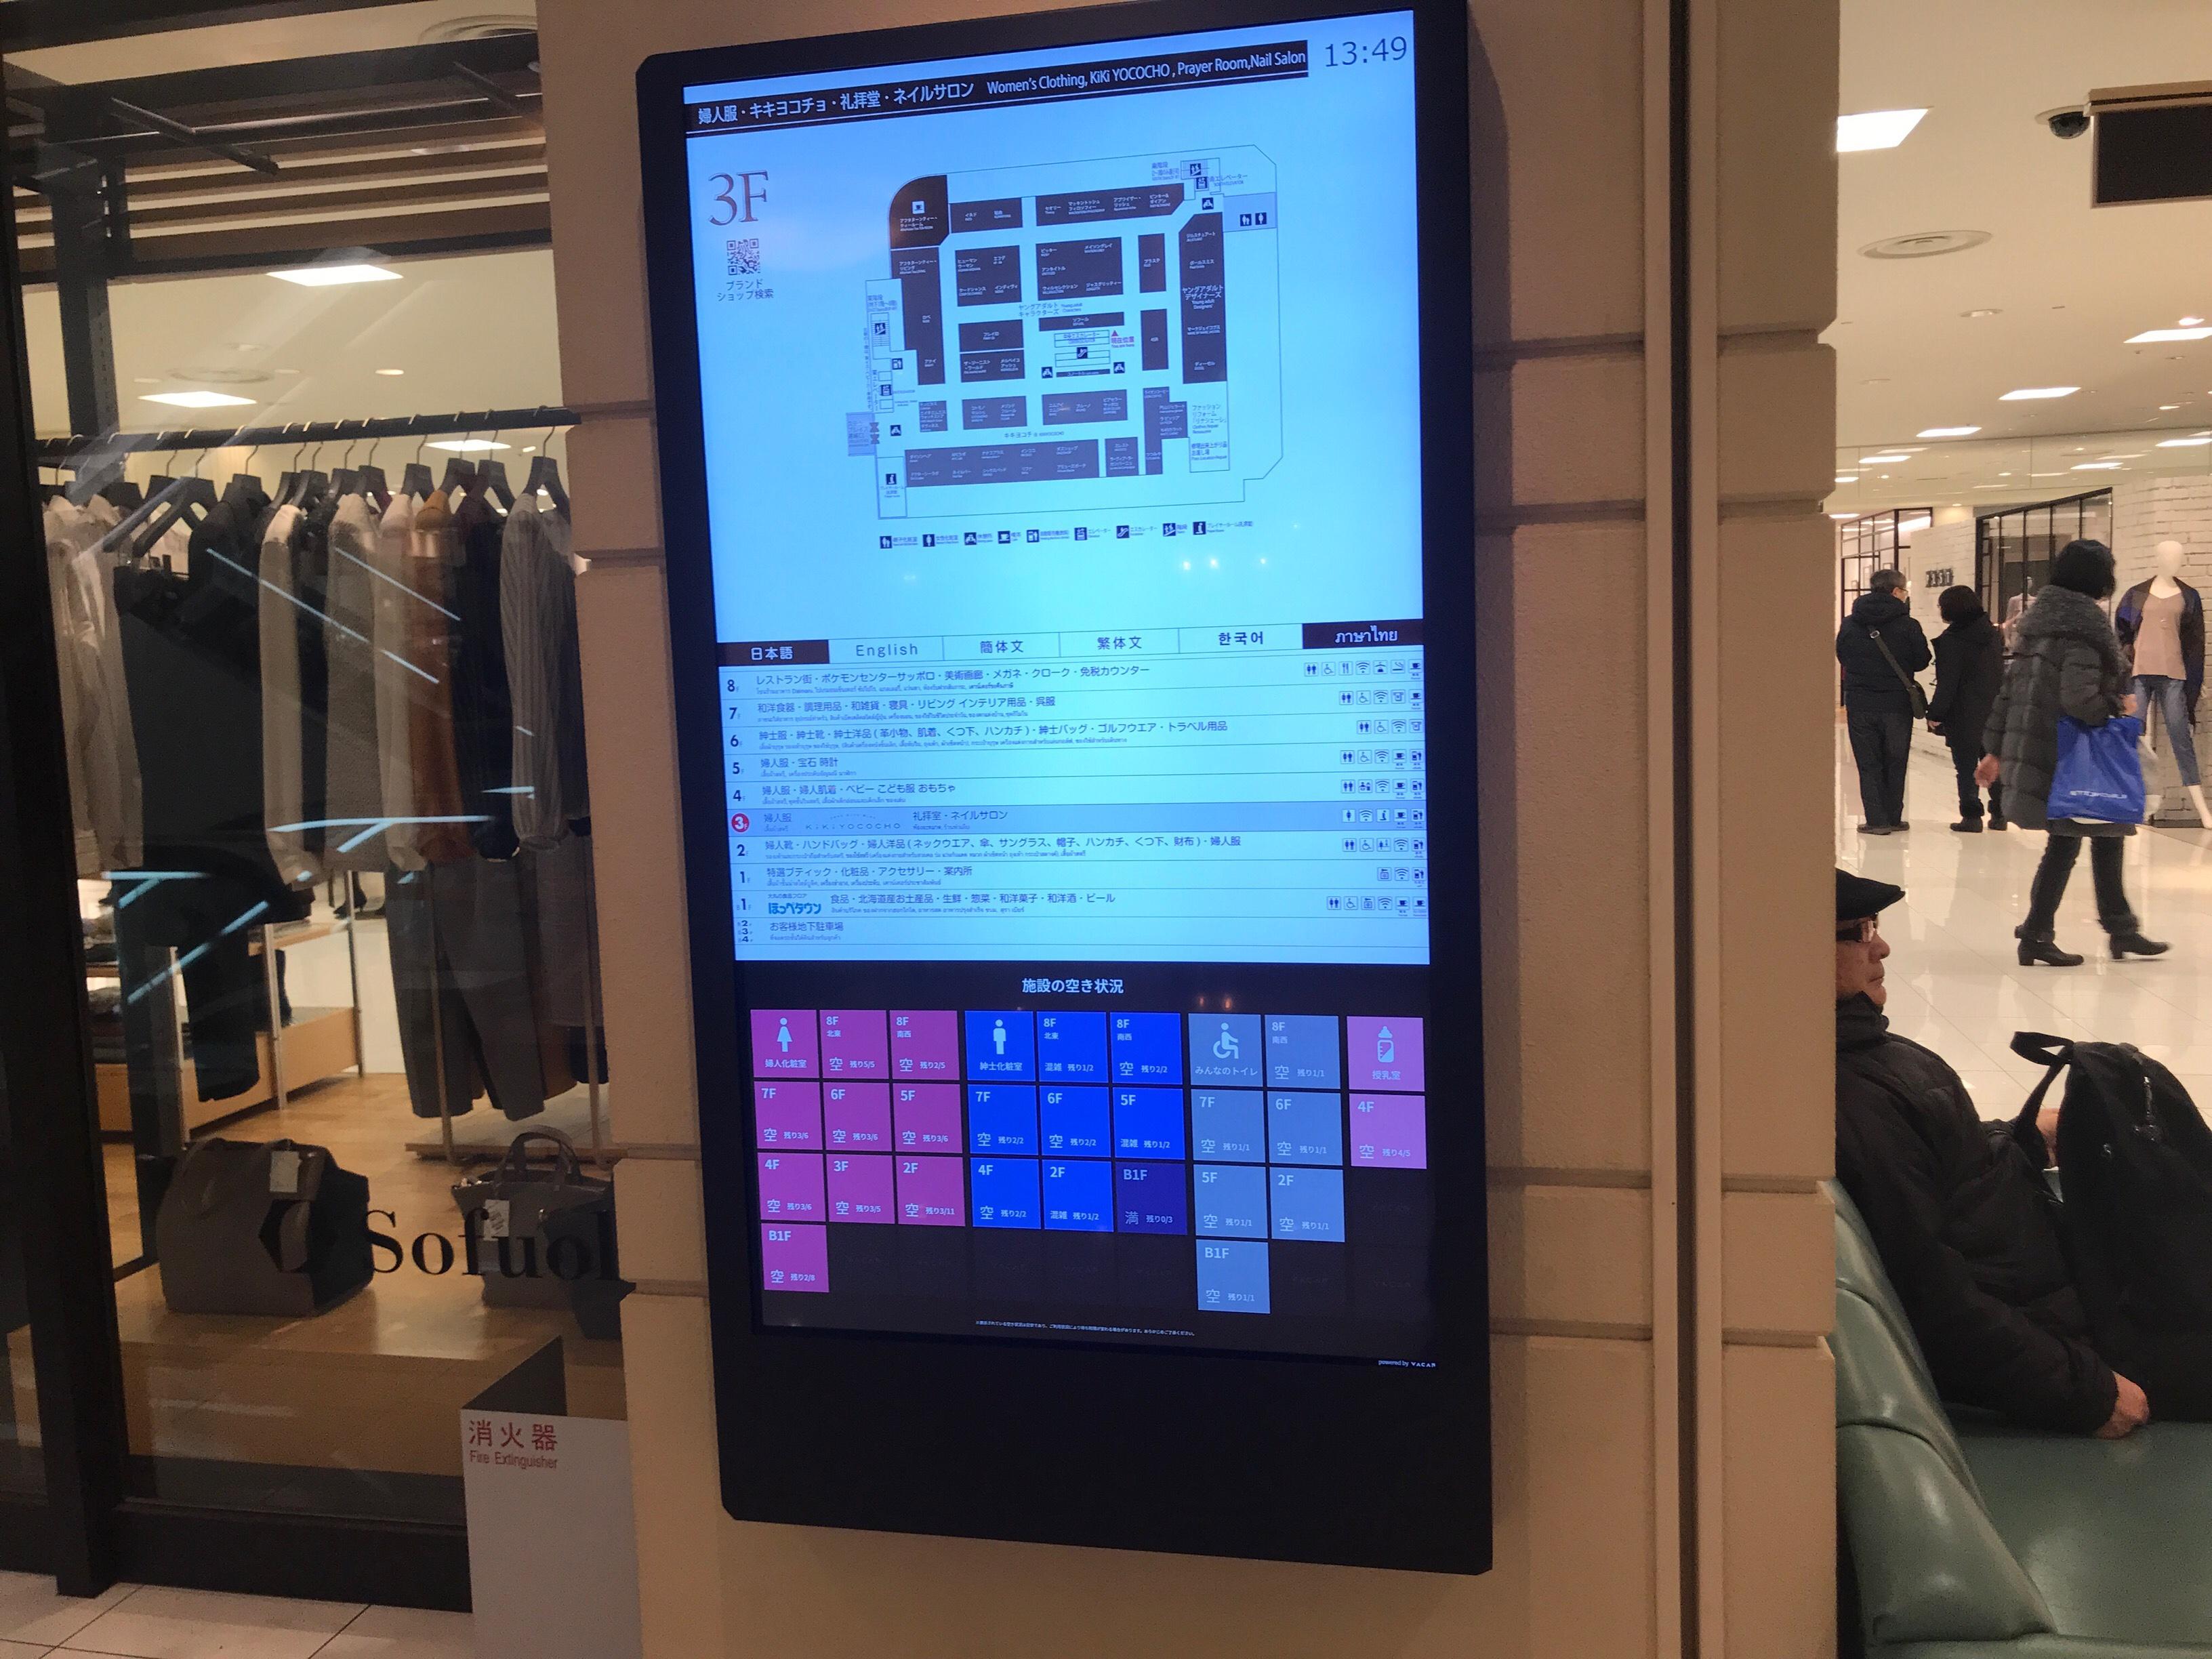 大丸札幌にあるトイレなどの空席情報を表示しているデジタルサイネージ